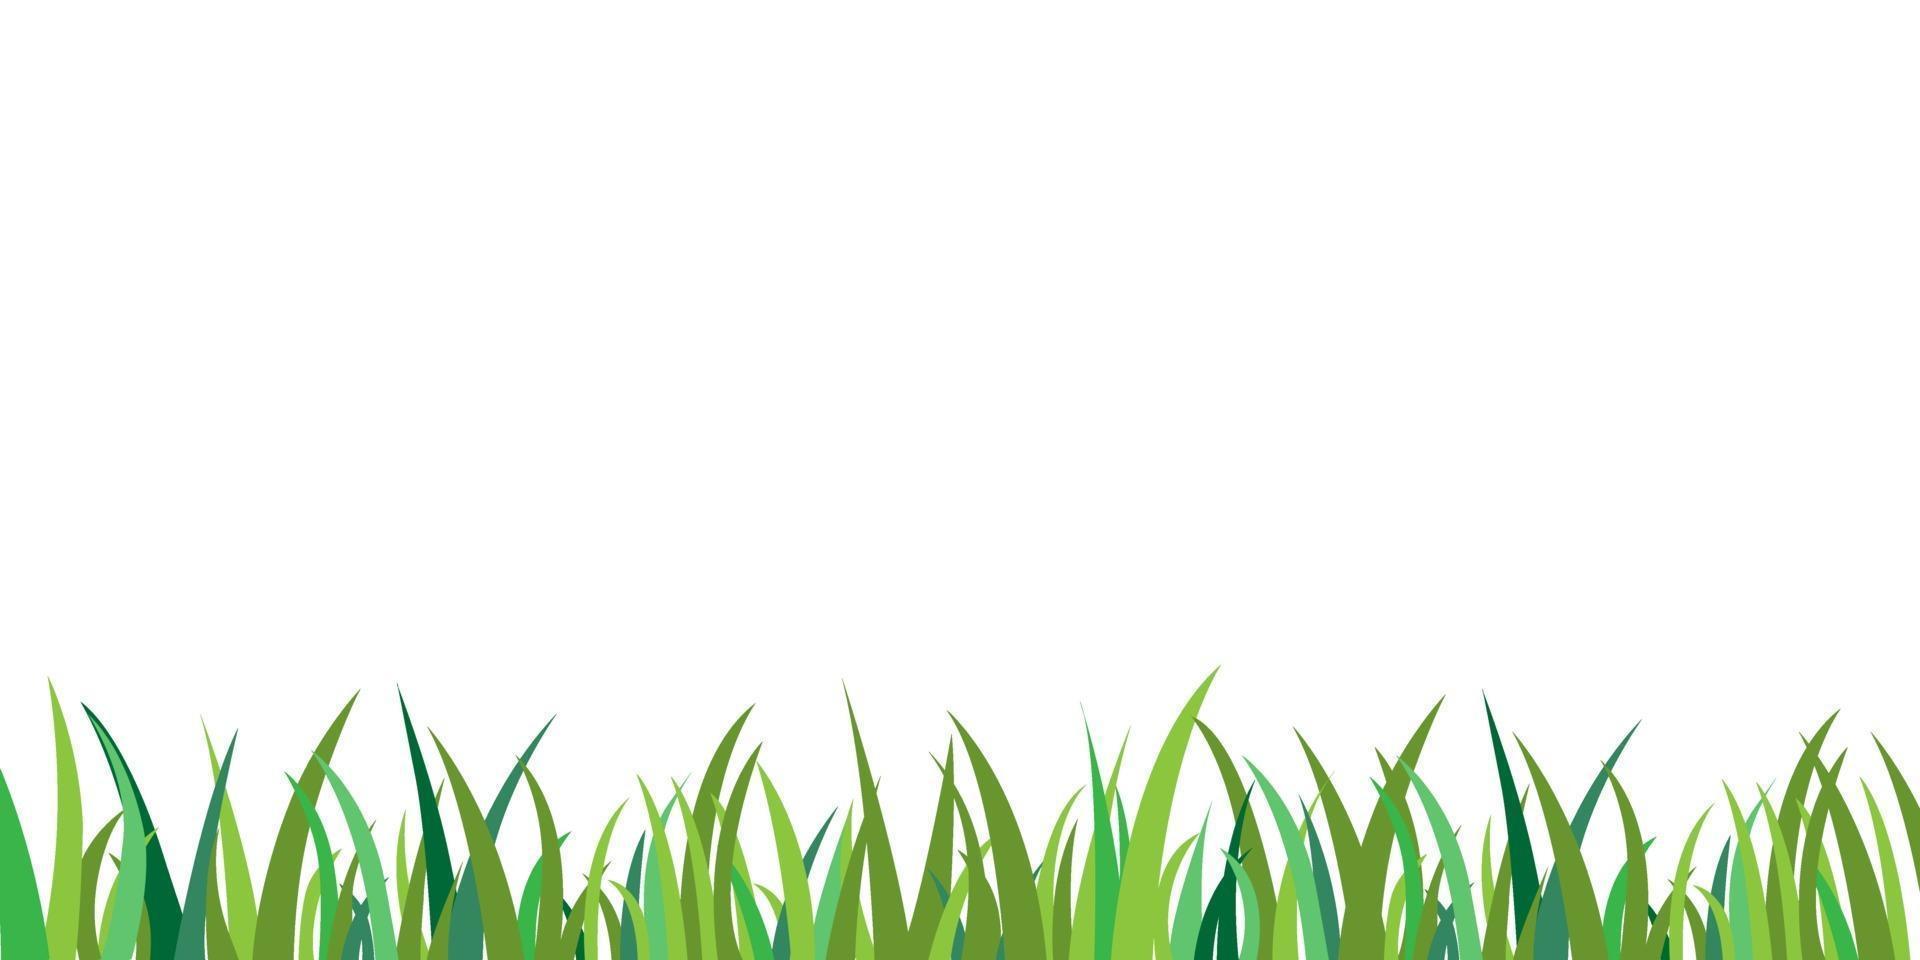 groen gras geïsoleerde achtergrond vector. gras grens frame decoratie. vlak tuinveld vector